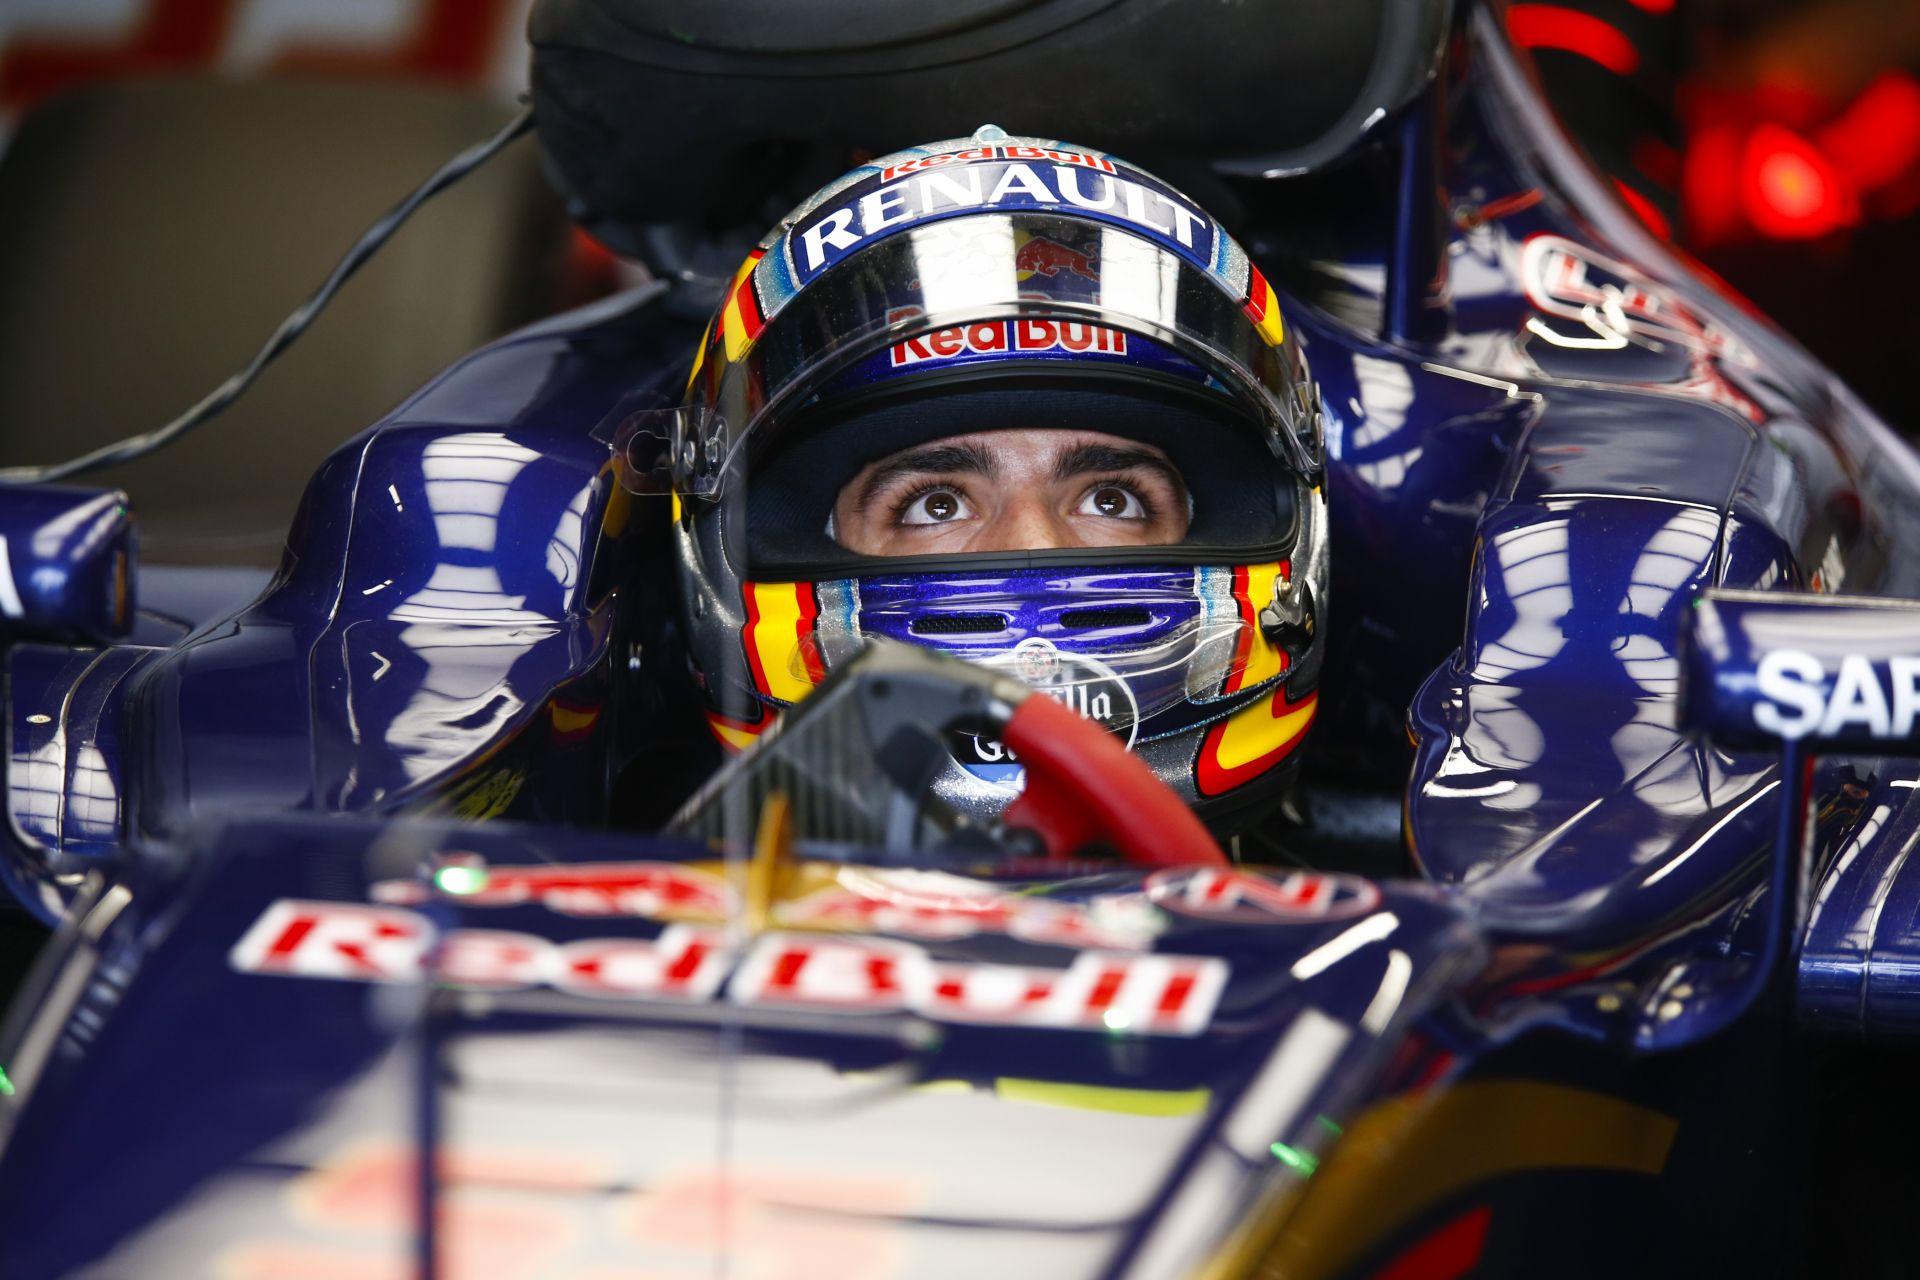 Vajon a Forma-1-es autóban ülve mi jár Carlos Sainz fejében?